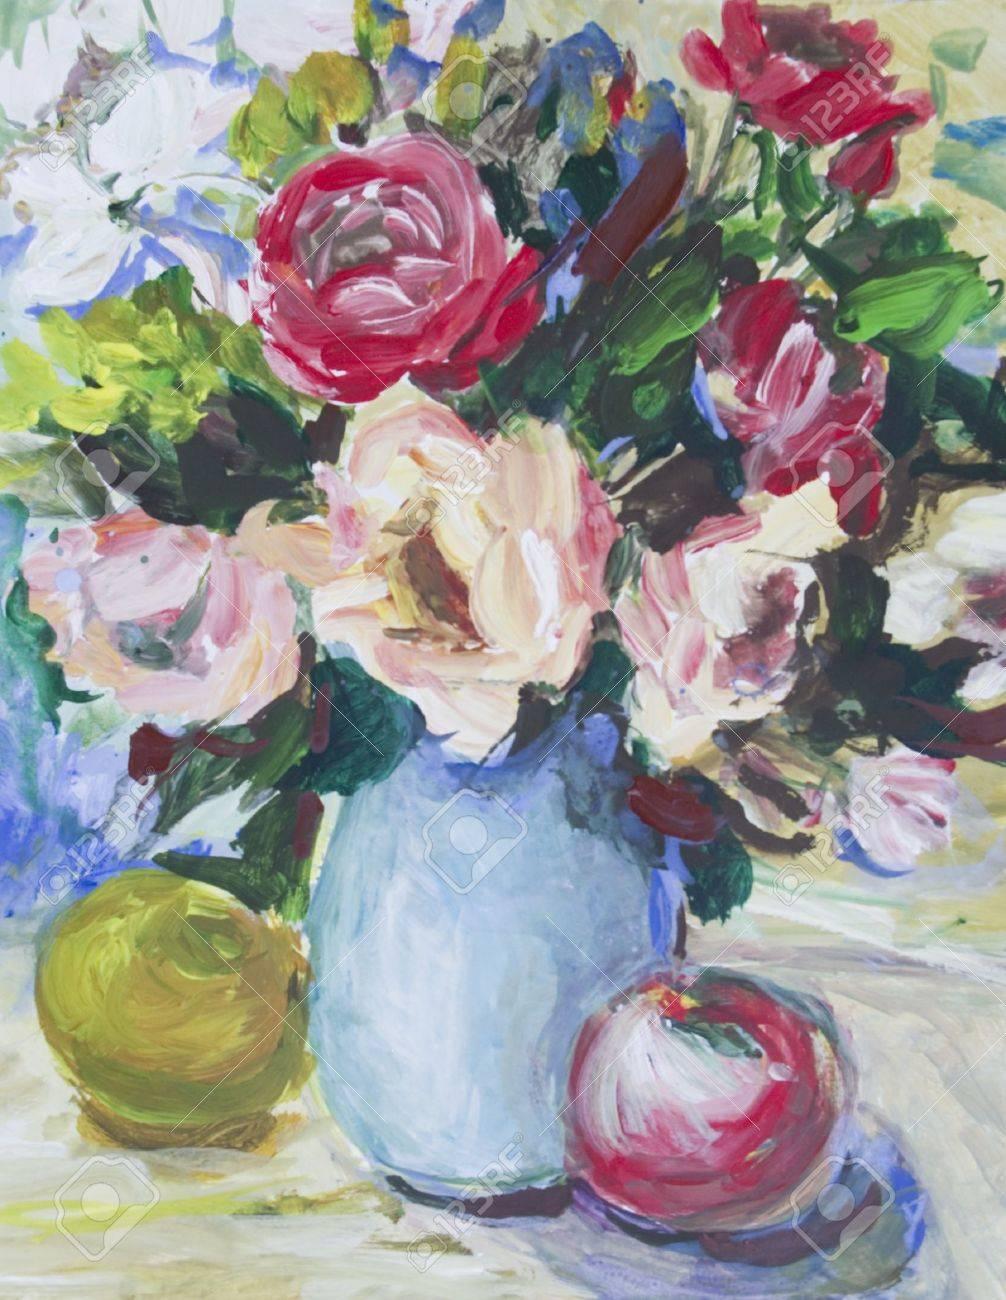 Roses In Acryl Frische Rosen In Einer Vase Und Apfel Auf Dem Tisch